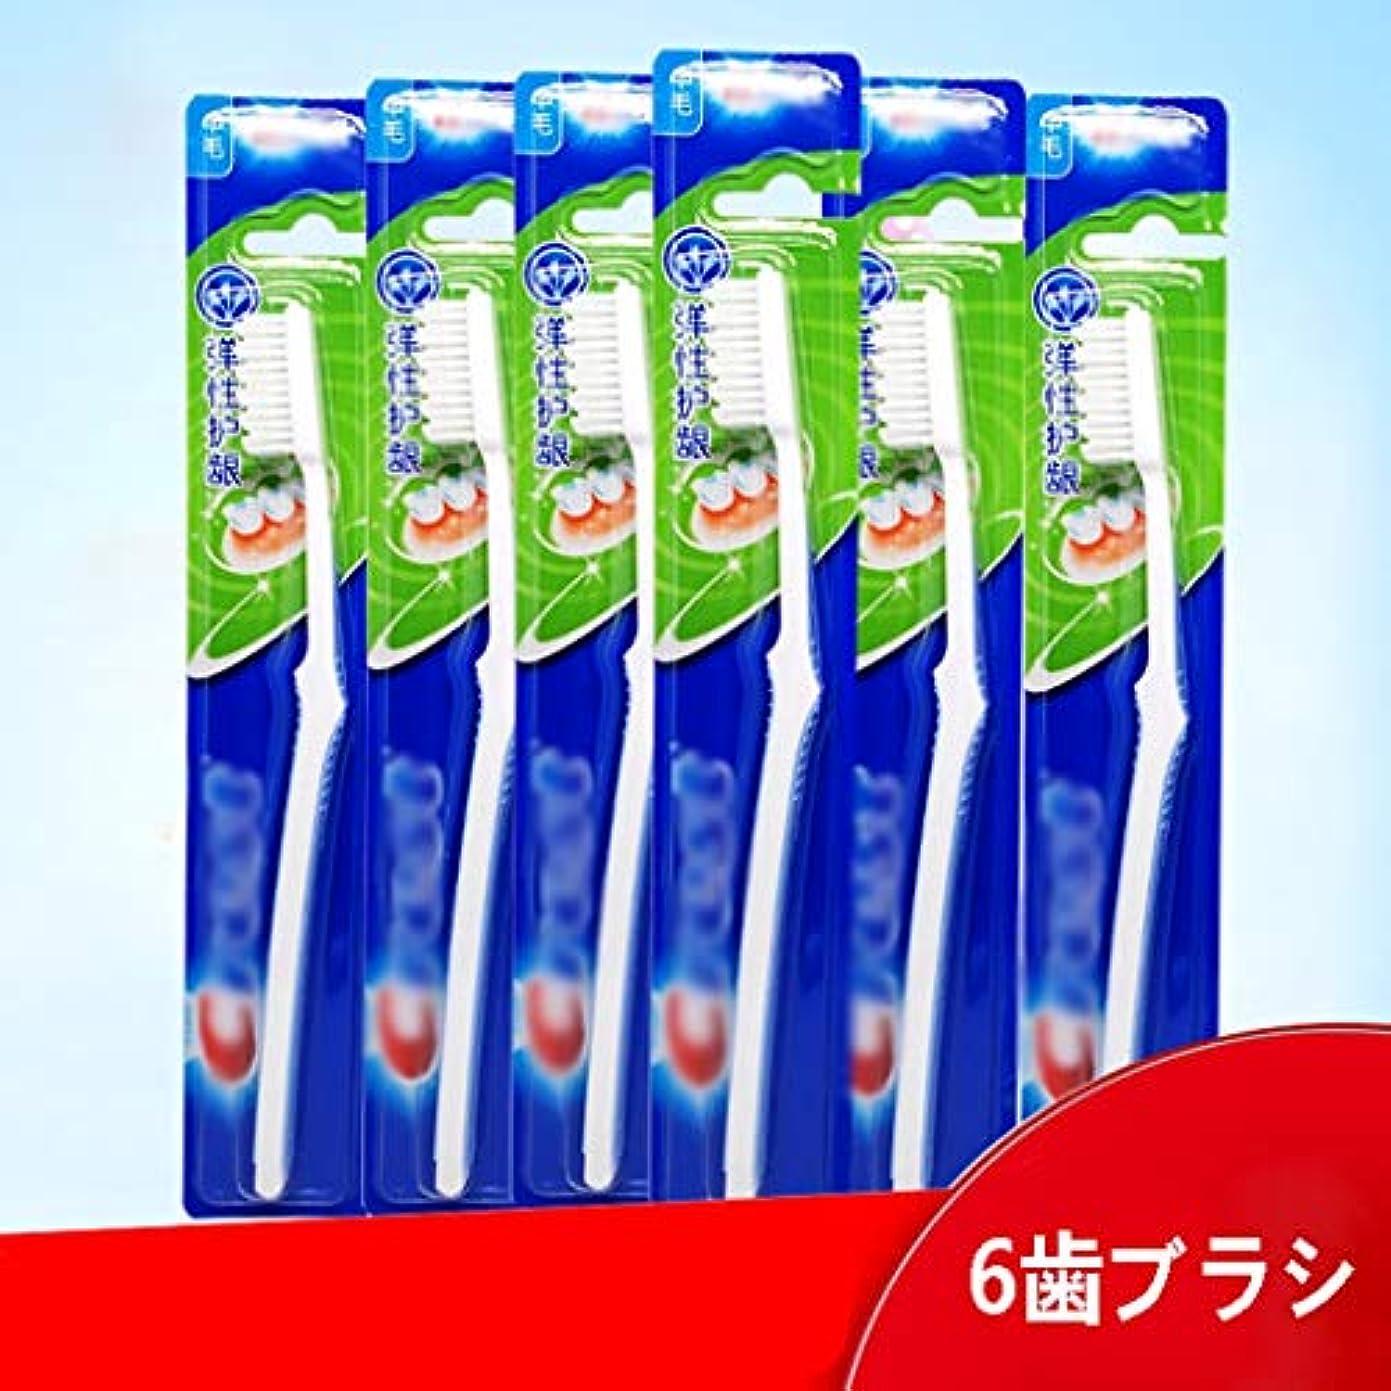 ポジティブ糞保証する超柔らかい歯ブラシ、歯ブラシCarryable、6パック(ランダムカラー)